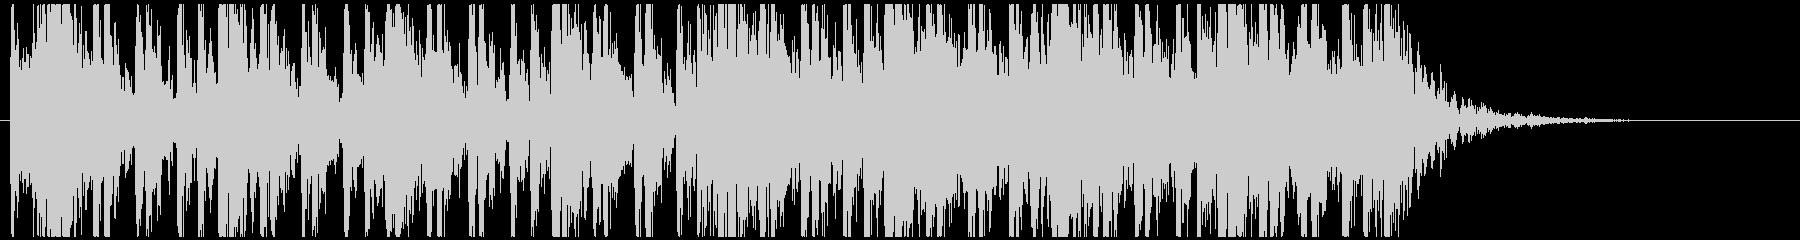 和太鼓のフレーズ3 残響なしBPM140の未再生の波形